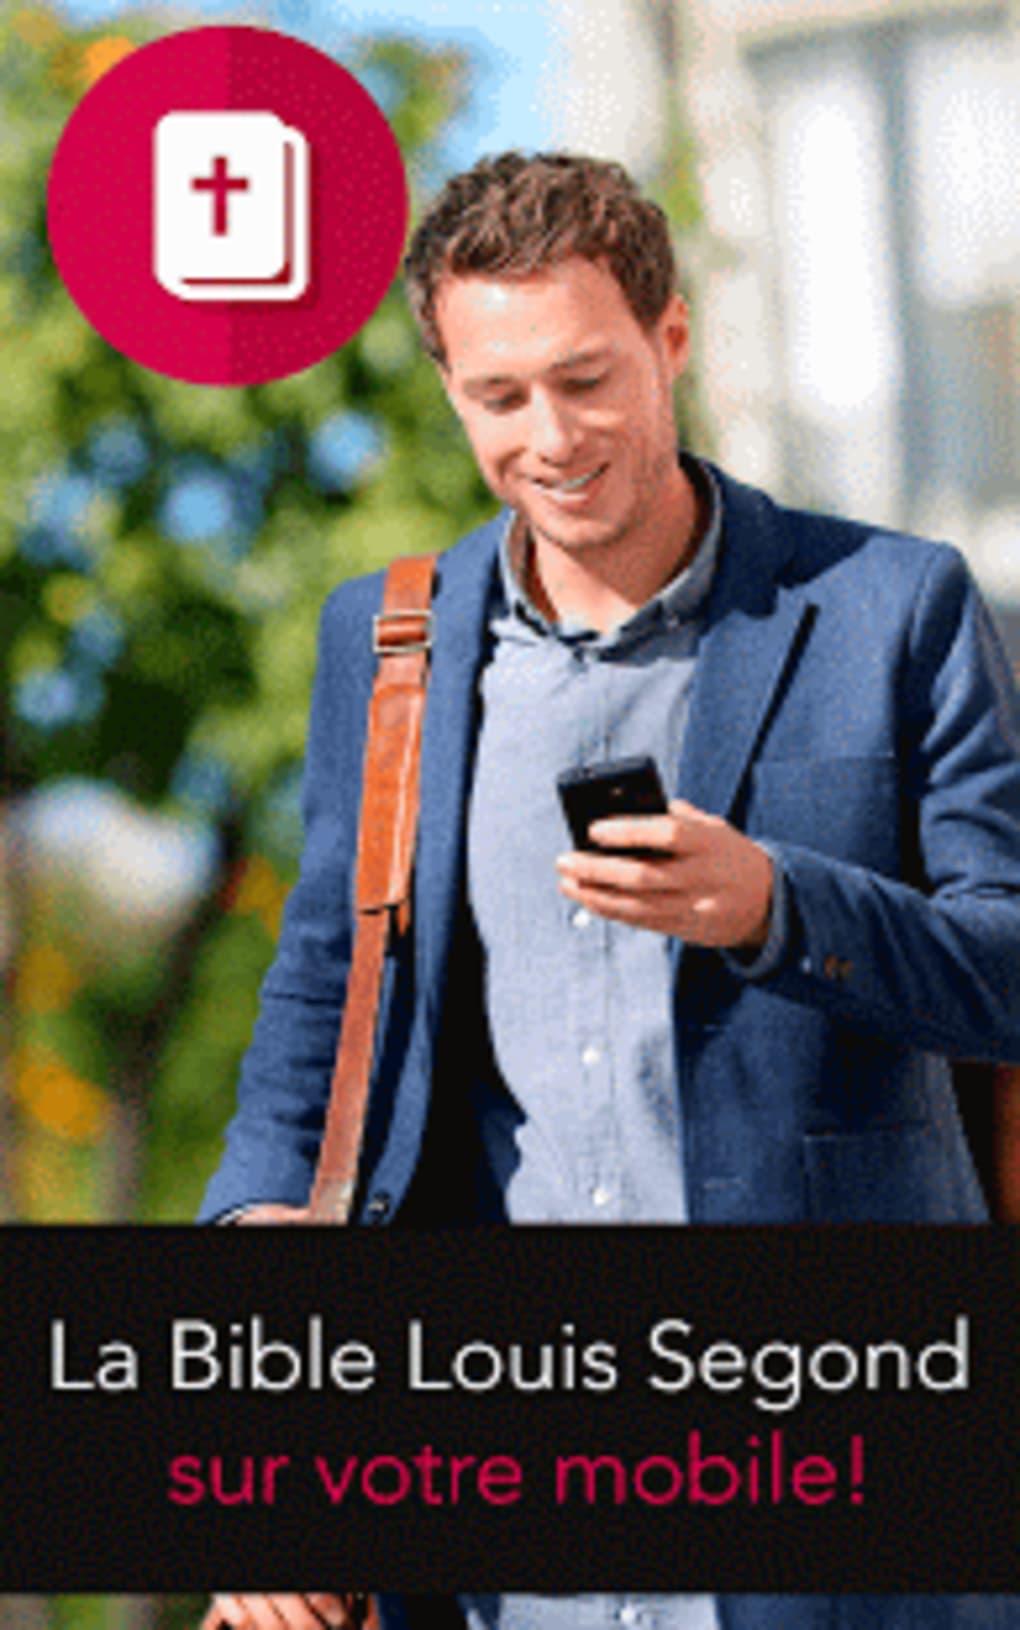 la bible louis segond pour android gratuit